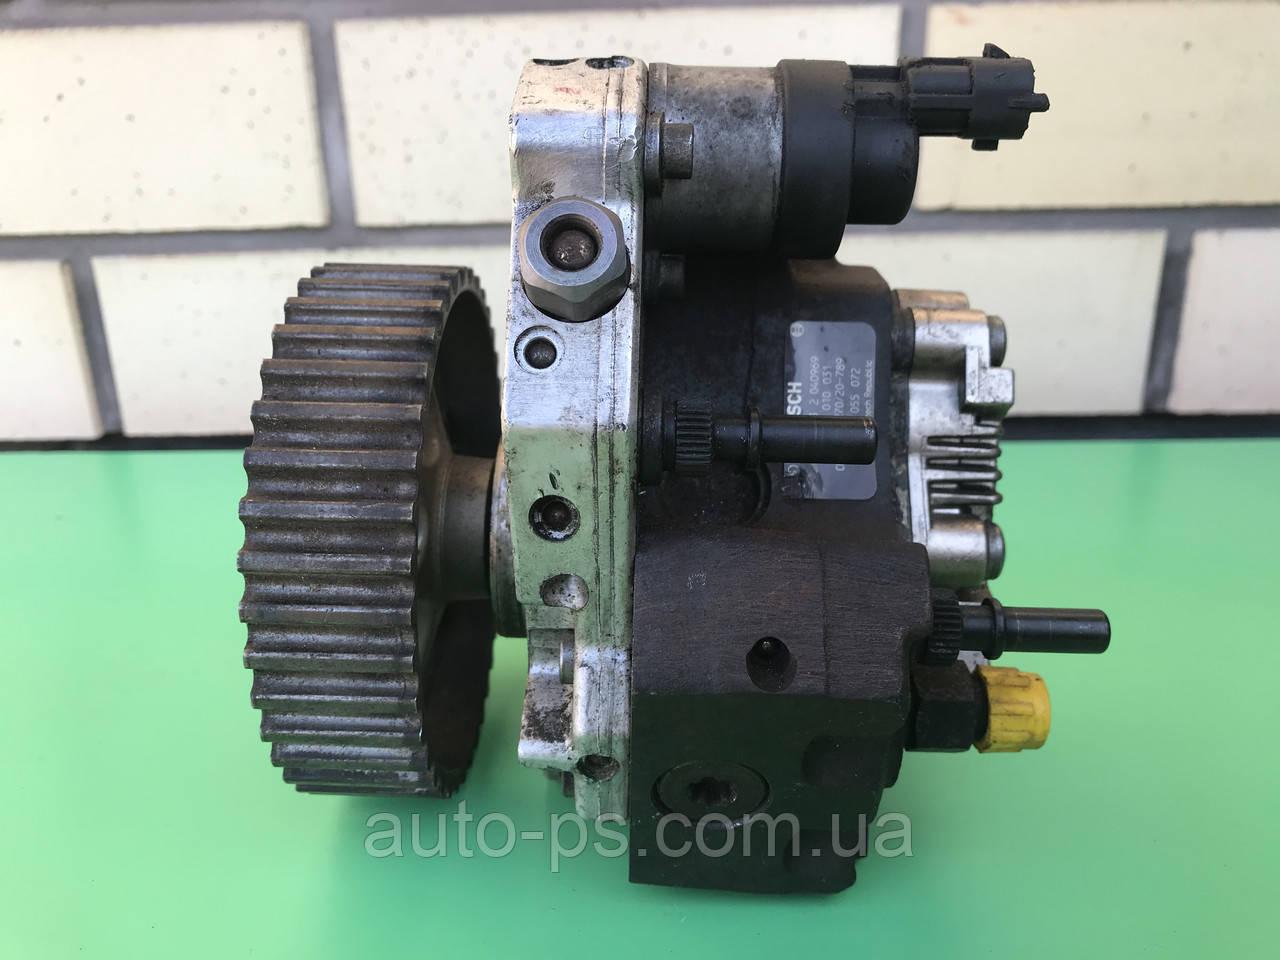 Топливный насос высокого давления (ТНВД) Opel Movano 1.9DTI